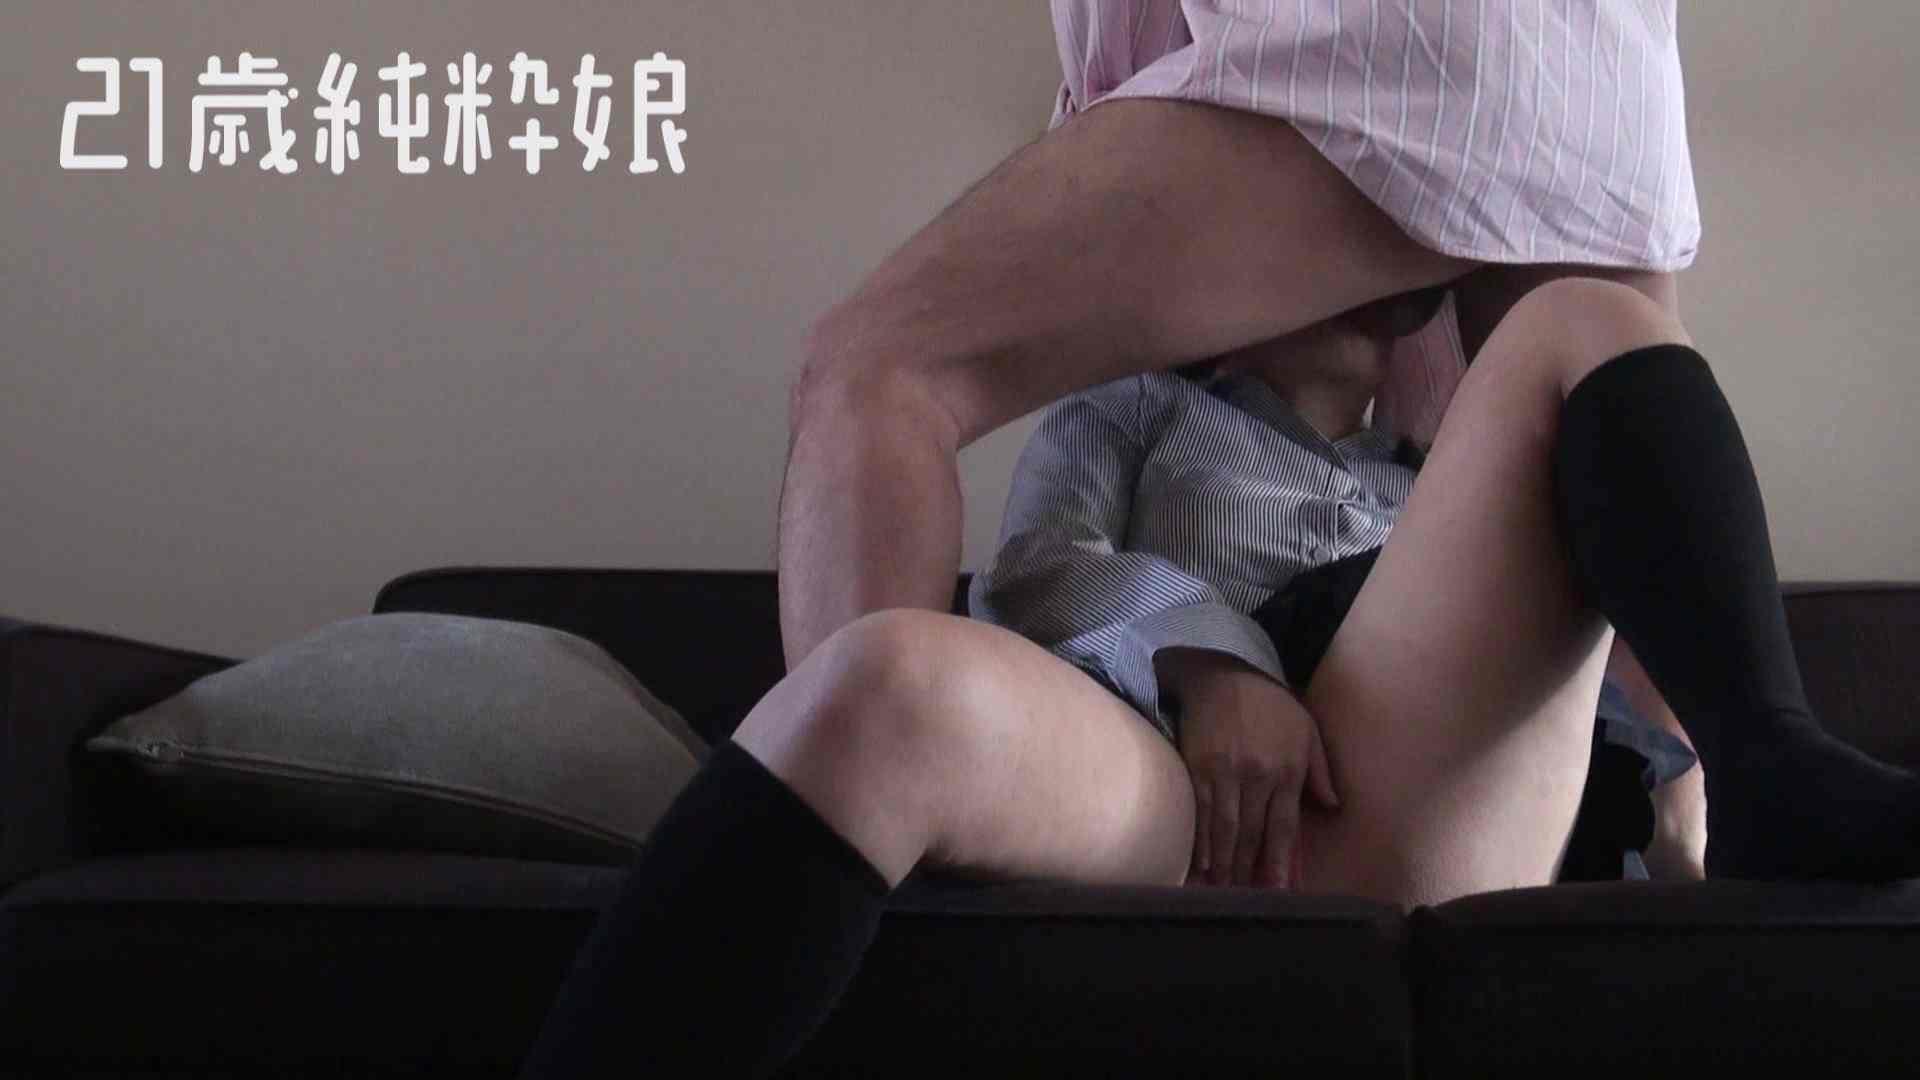 上京したばかりのGカップ21歳純粋嬢を都合の良い女にしてみた3 フェラ   オナニー  110連発 13